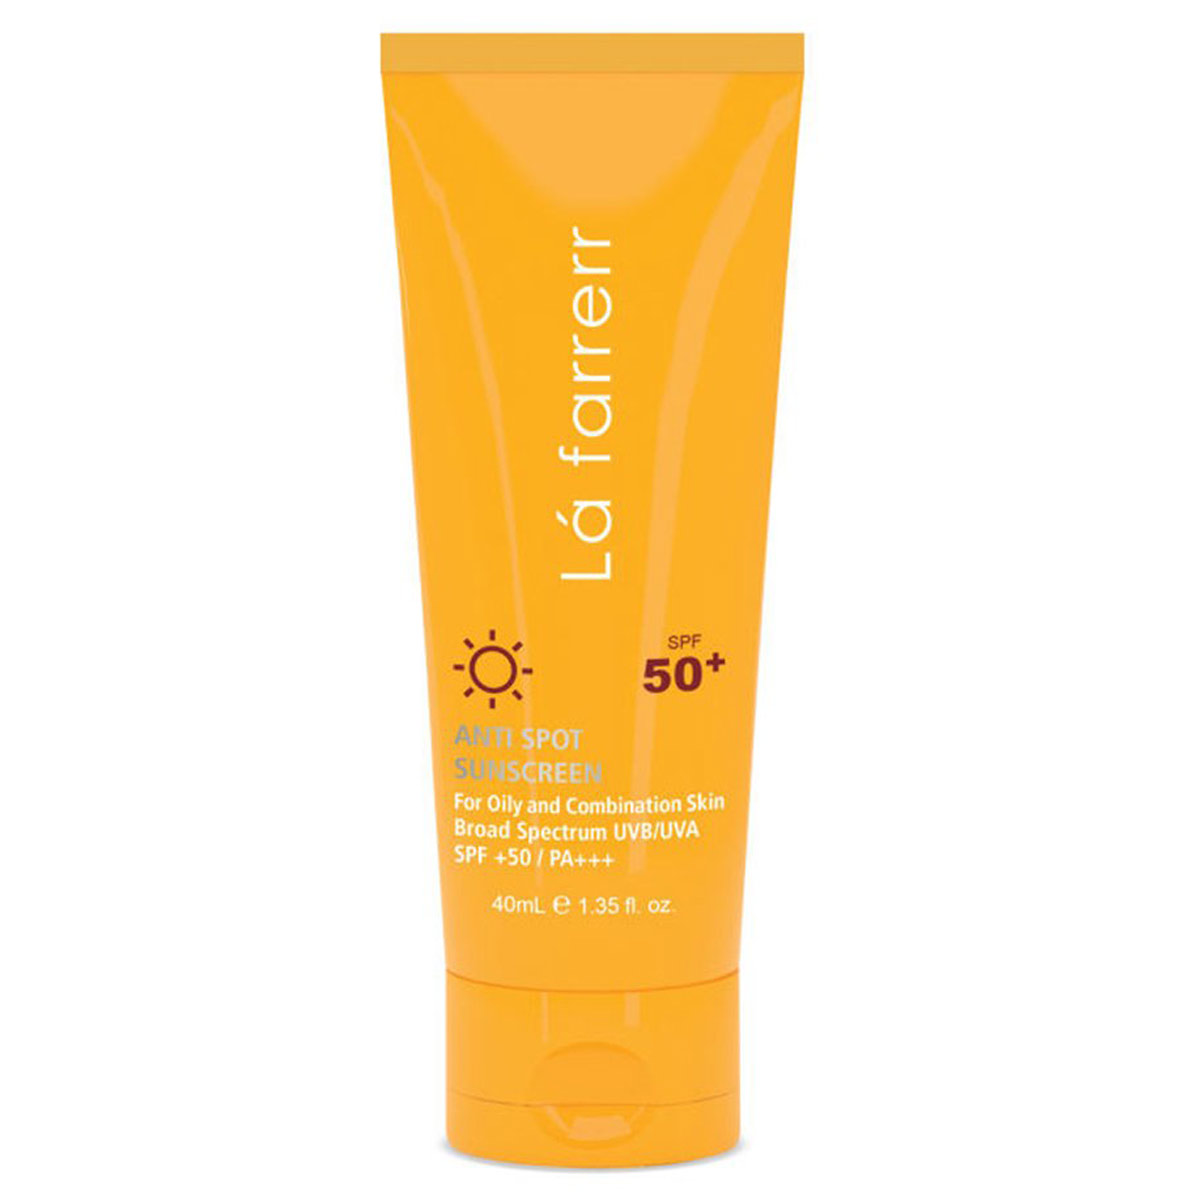 تصویر کرم ضد آفتاب و ضد لک لافارر مناسب پوست های چرب و مستعد آکنه با +SPF50 Lafarrerr Anti Spot Sunscreen Cream For Oily And Combination Skin SPF50+ 40ml